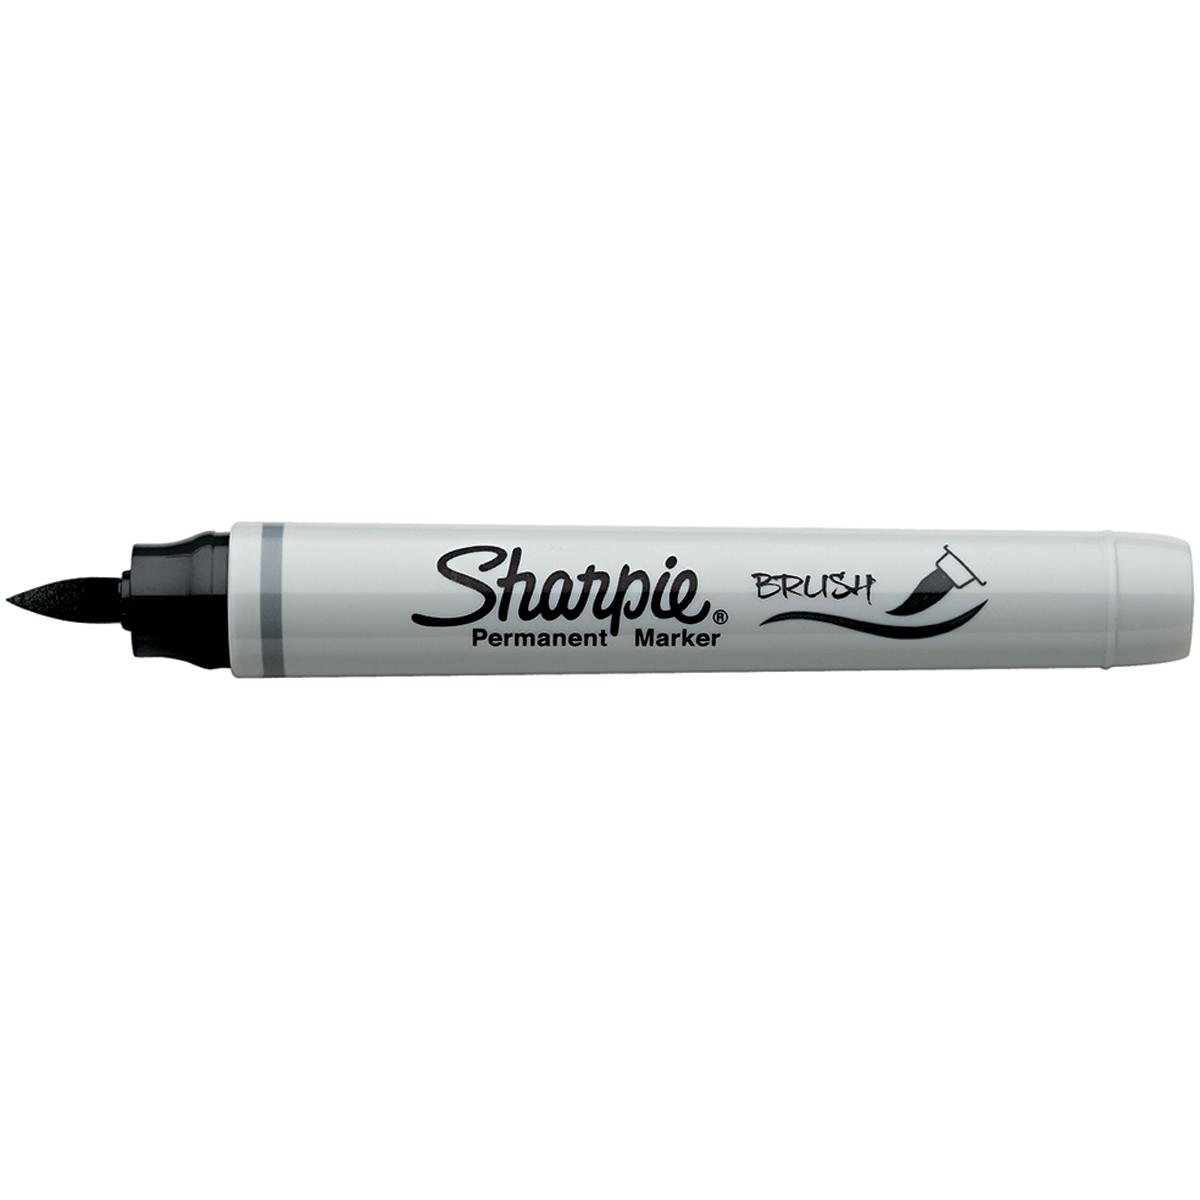 Sharpie Brush Pen